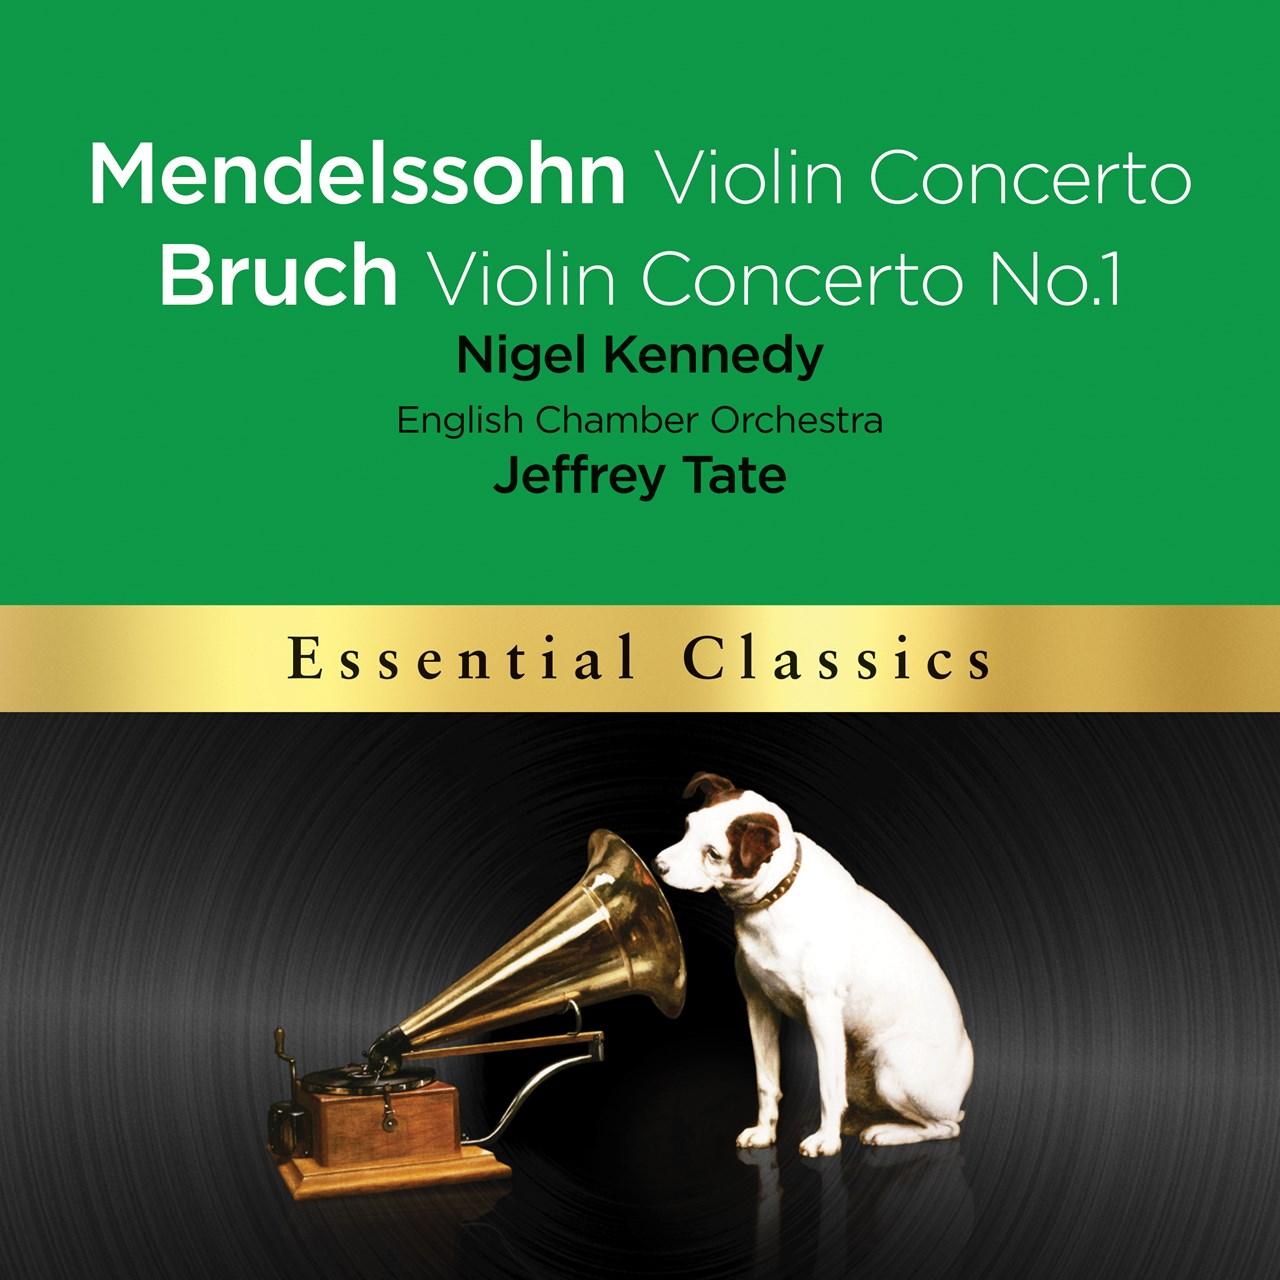 Mendelssohn: Violin Concerto/Bruch: Violin Concerto No. 1 - 1